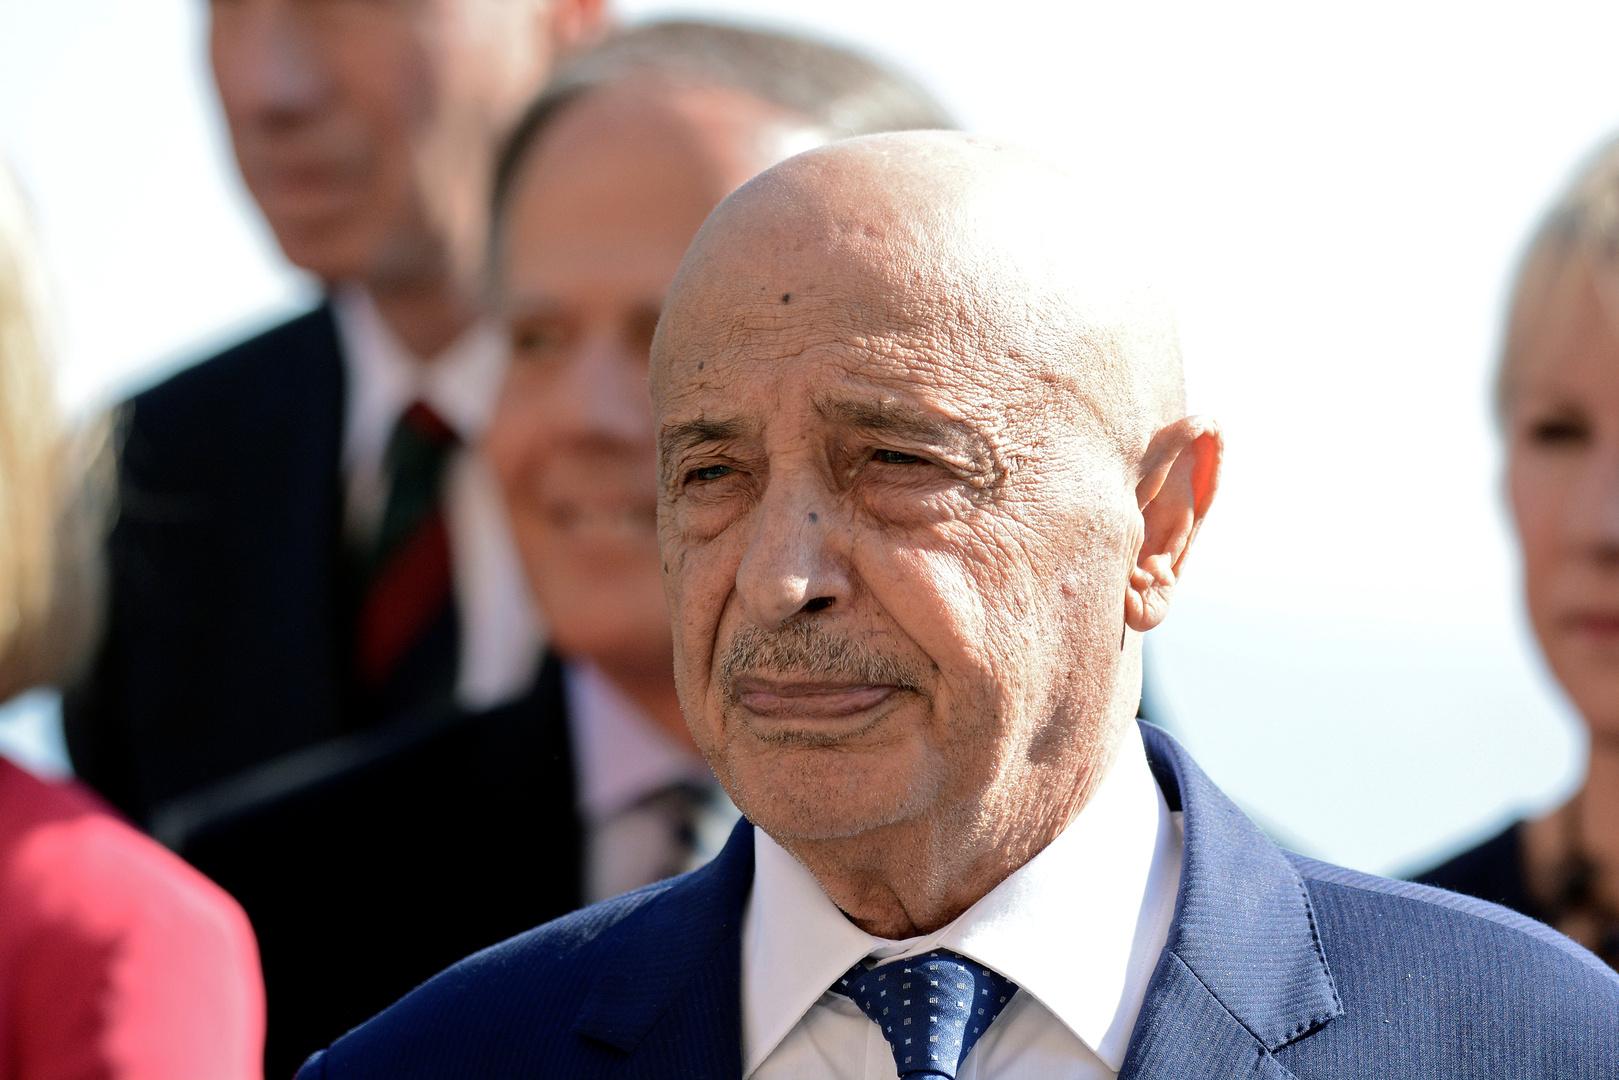 رئيس مجلس النواب الليبي يؤكد ضرورة إجراء الانتخابات العامة في موعدها